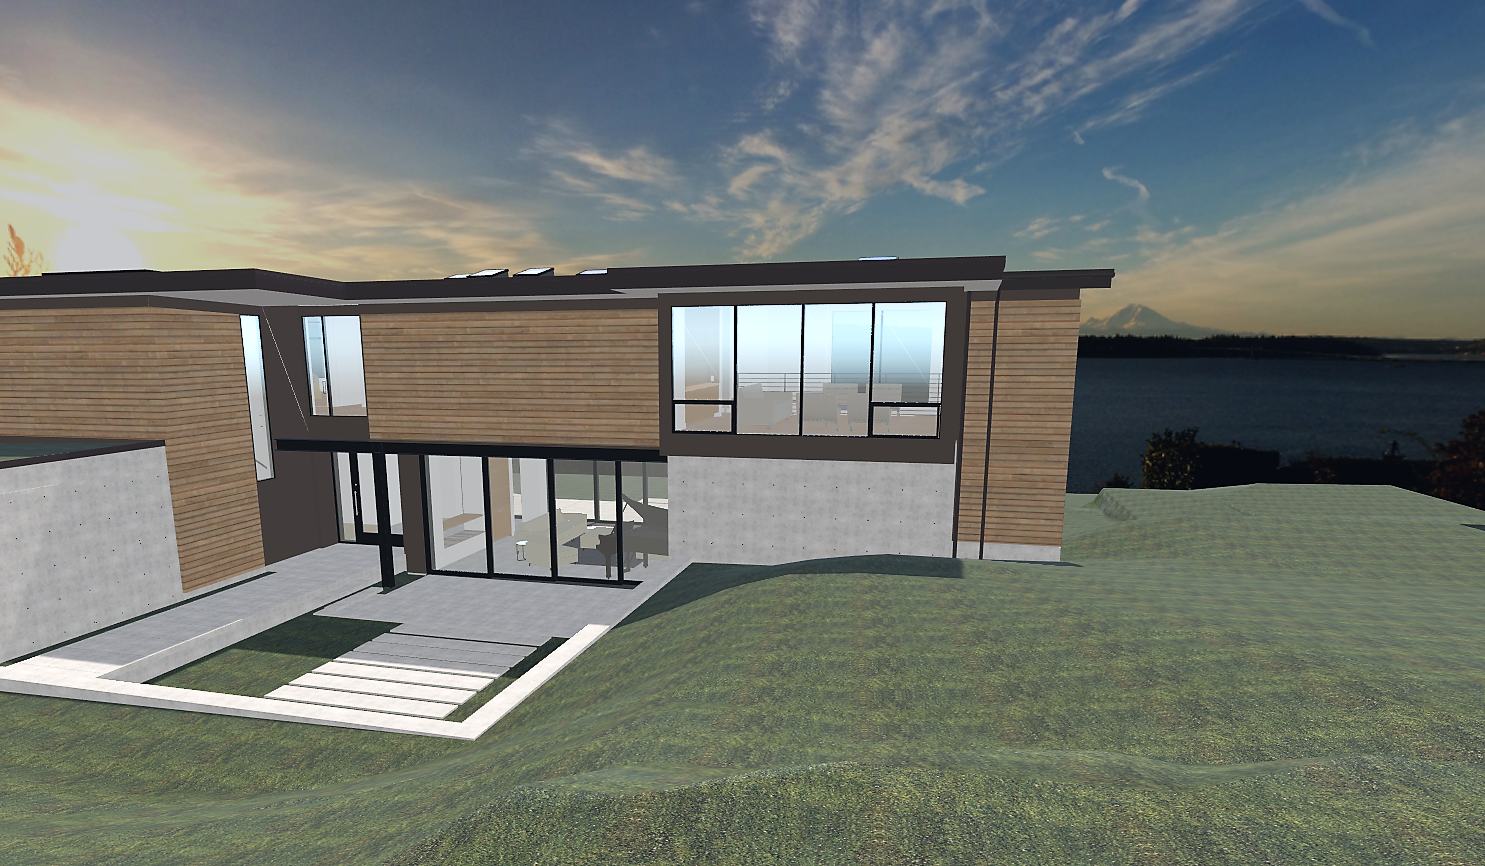 Prospect+Client+House+Snapshot+Mount+Rainier.pngprospect+client+house+snapshot+mount+rainier